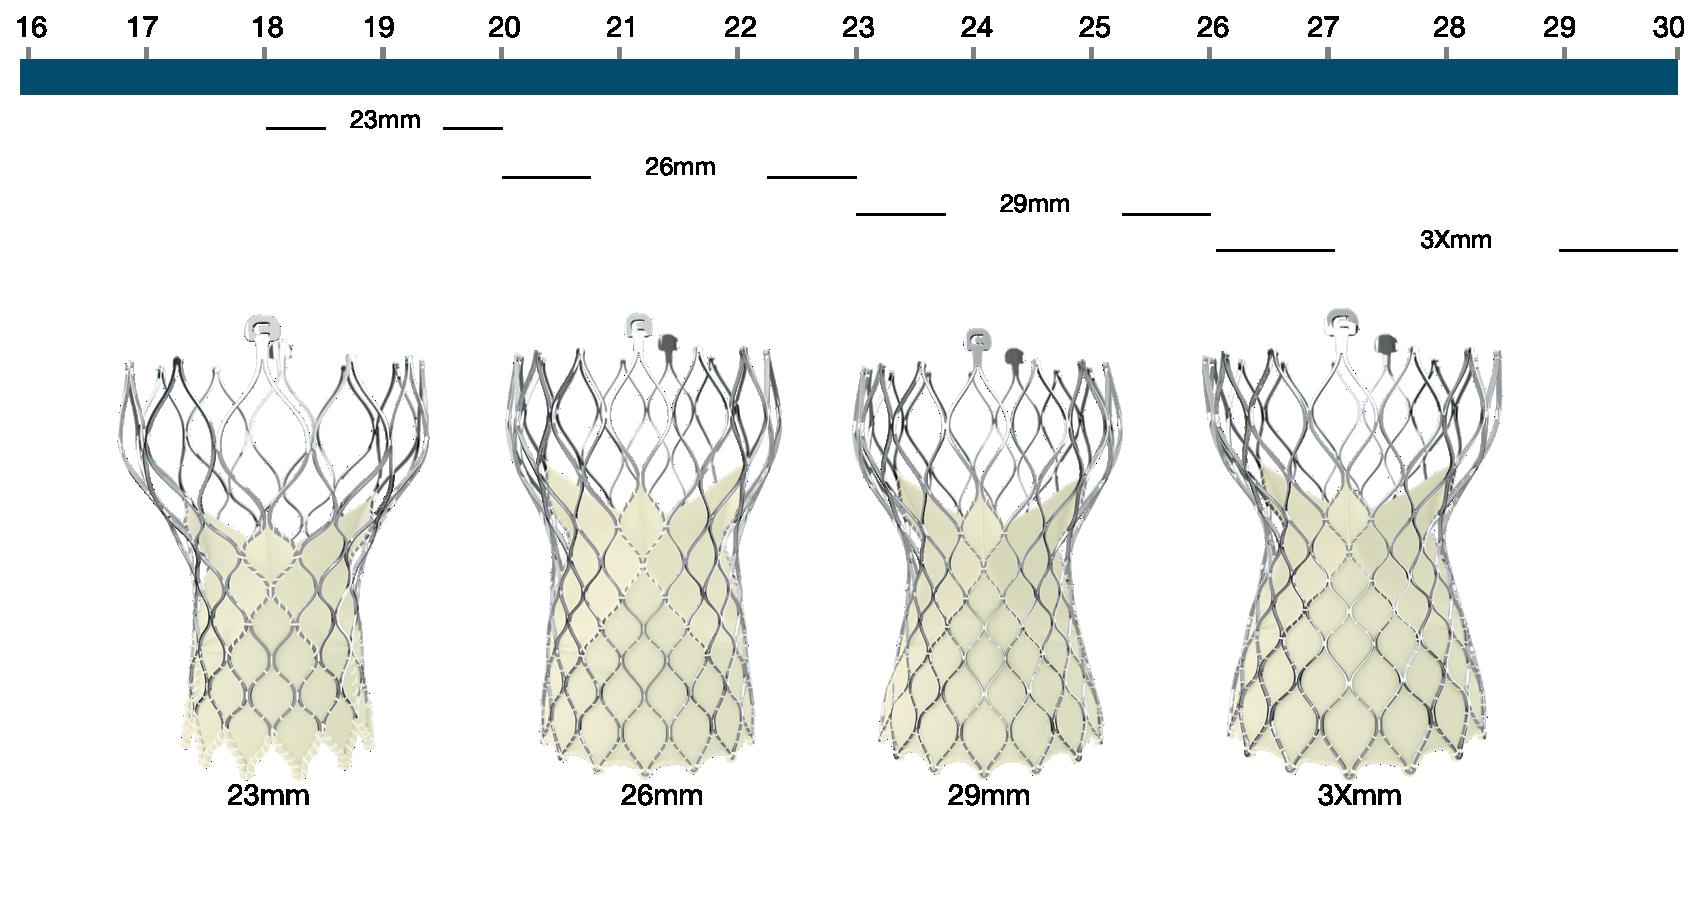 Figure 111. Medtronic CoreValve Evolut R transcatheter aortic valve